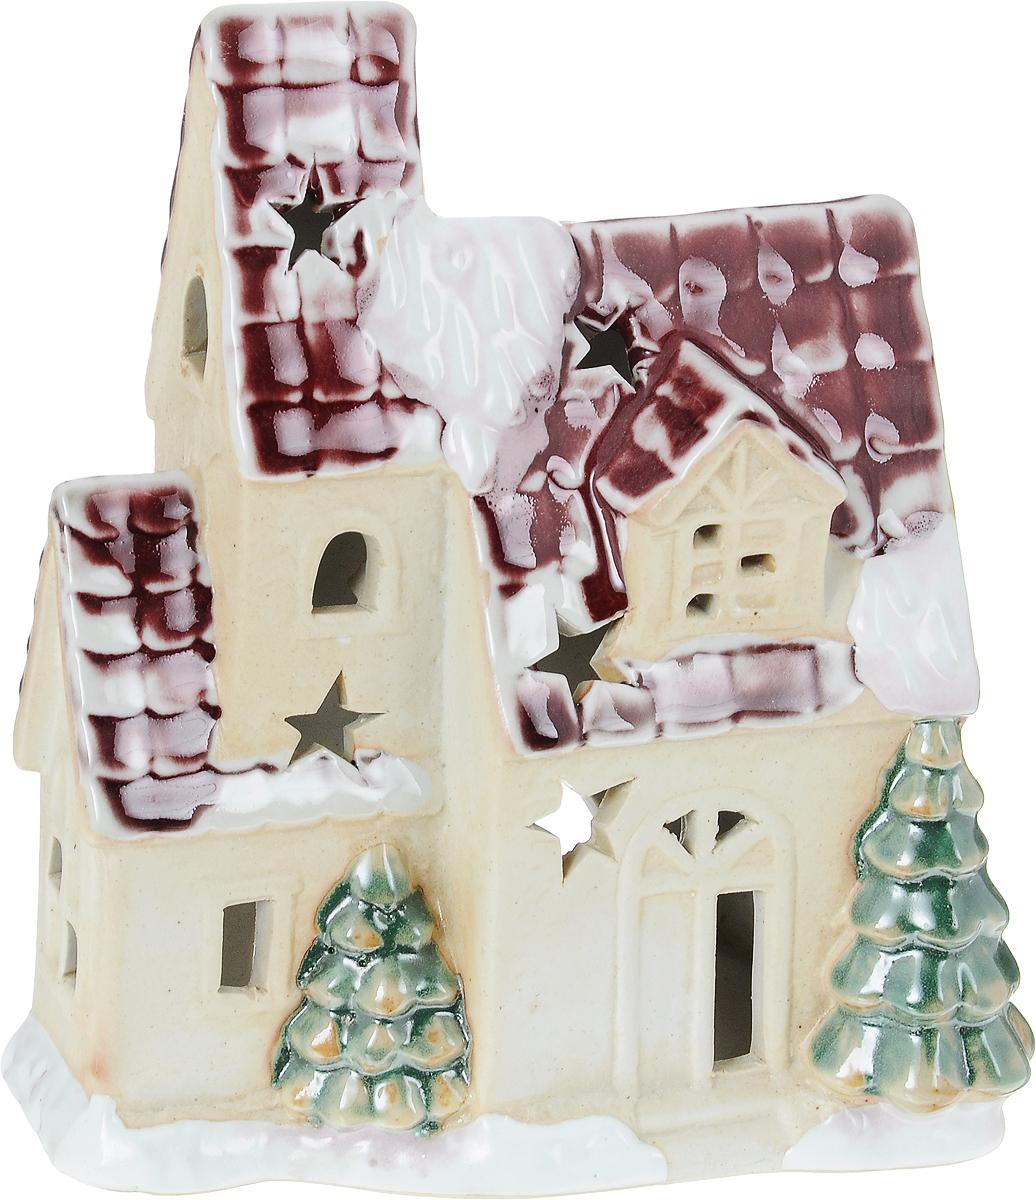 Подсвечник новогодний Winter Wings Домик с красной крышей, 13,5 х 8,5 х 17,5 смKG0103Подсвечник Winter Wings Домик с красной крышей, изготовленный из керамики, станет прекрасным украшением интерьера помещения в преддверии Нового года. Подсвечник выполнен в виде домика. Имеется отверстие для чайной свечи (свеча входит в комплект). Зажигать свечи в Новый год - неизменная традиция, которая позволяет наполнить дом волшебством и таинственностью новогодней ночи.